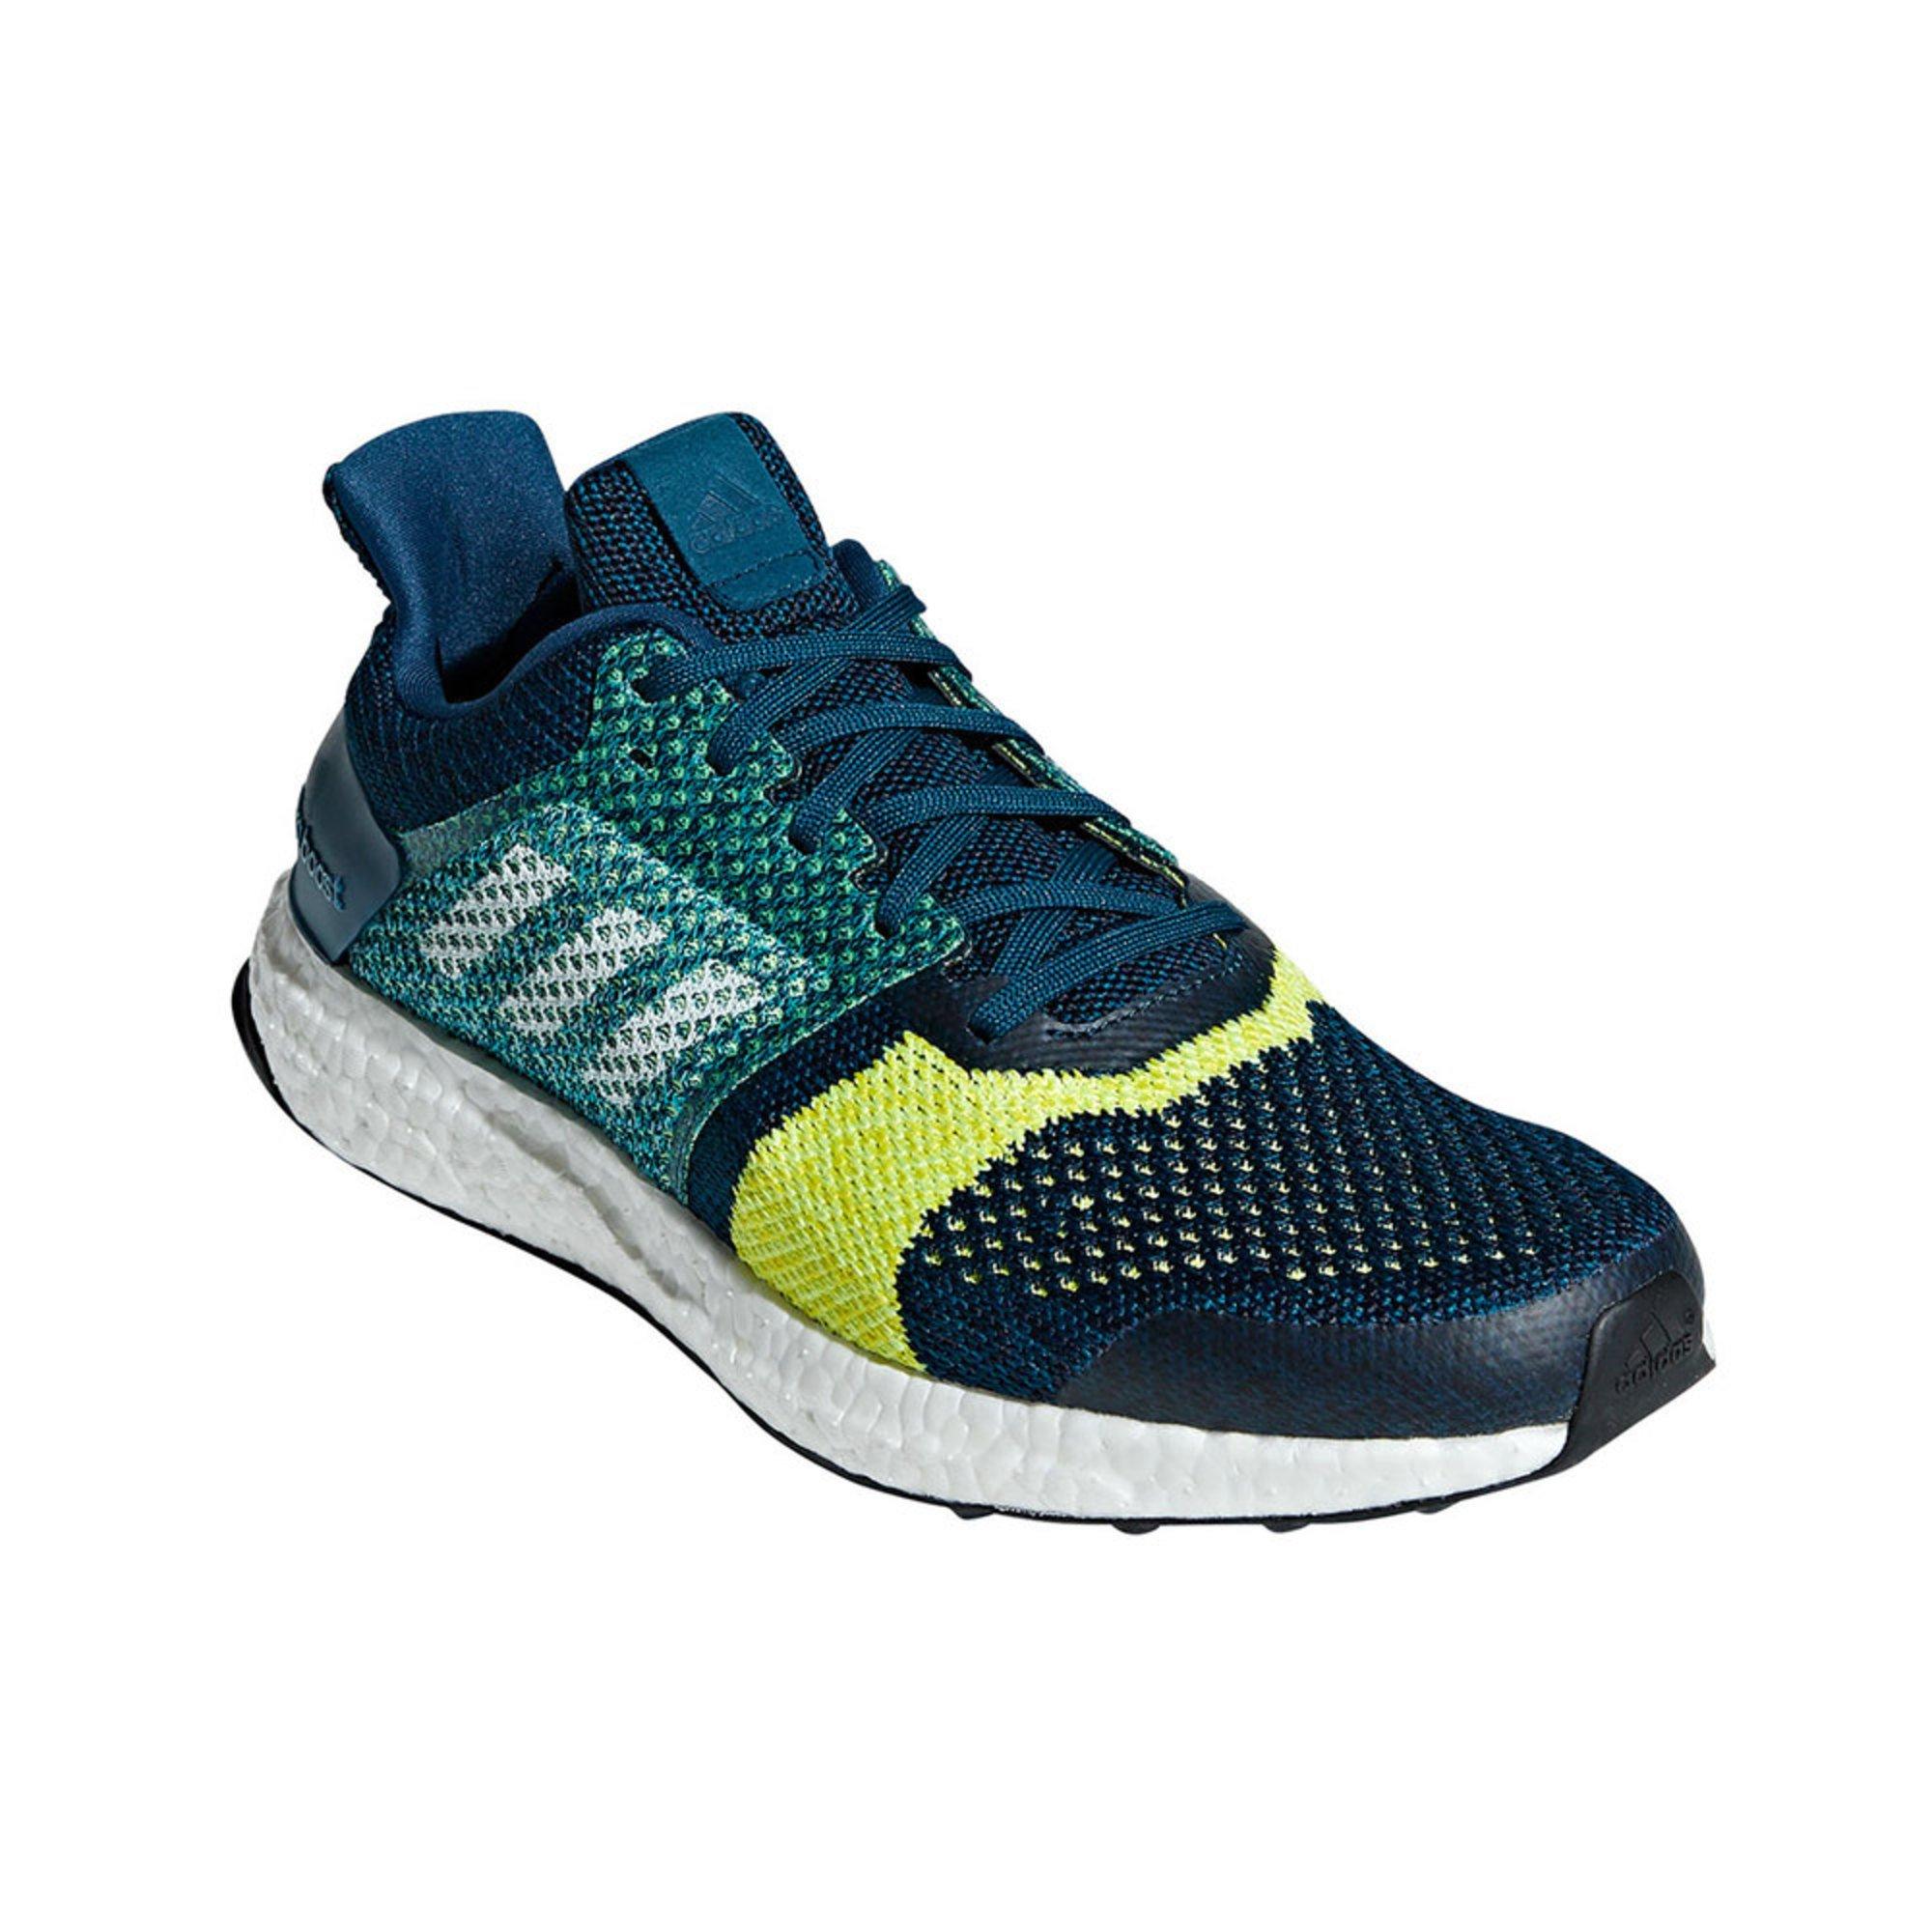 ba5a92a1a adidas. Adidas Men s UltraBOOST ST Running Shoe